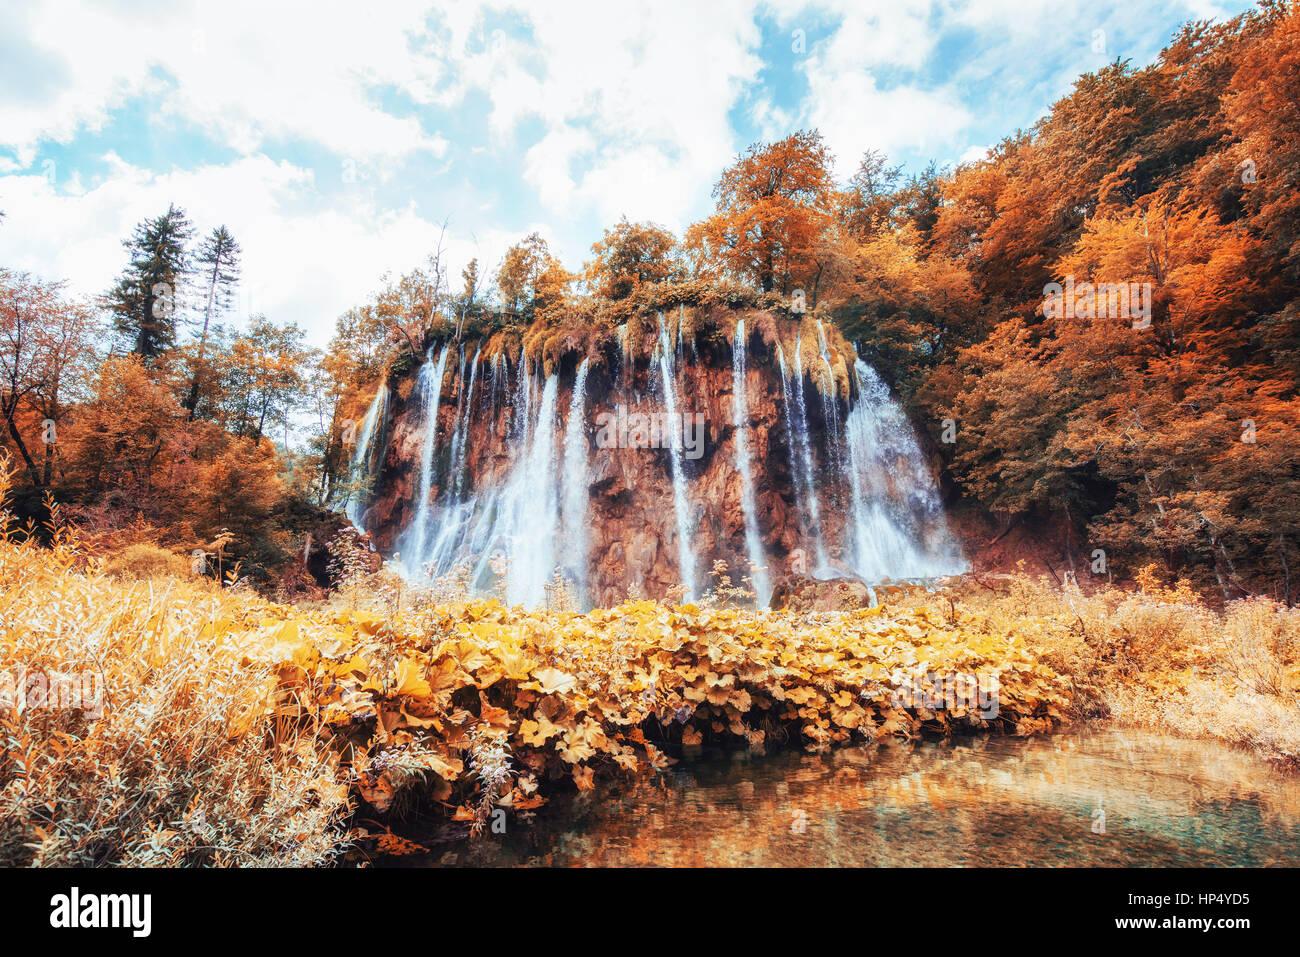 Fantastische Aussicht auf Wasserfälle und türkis Wasser ein Sonnenlicht Stockbild